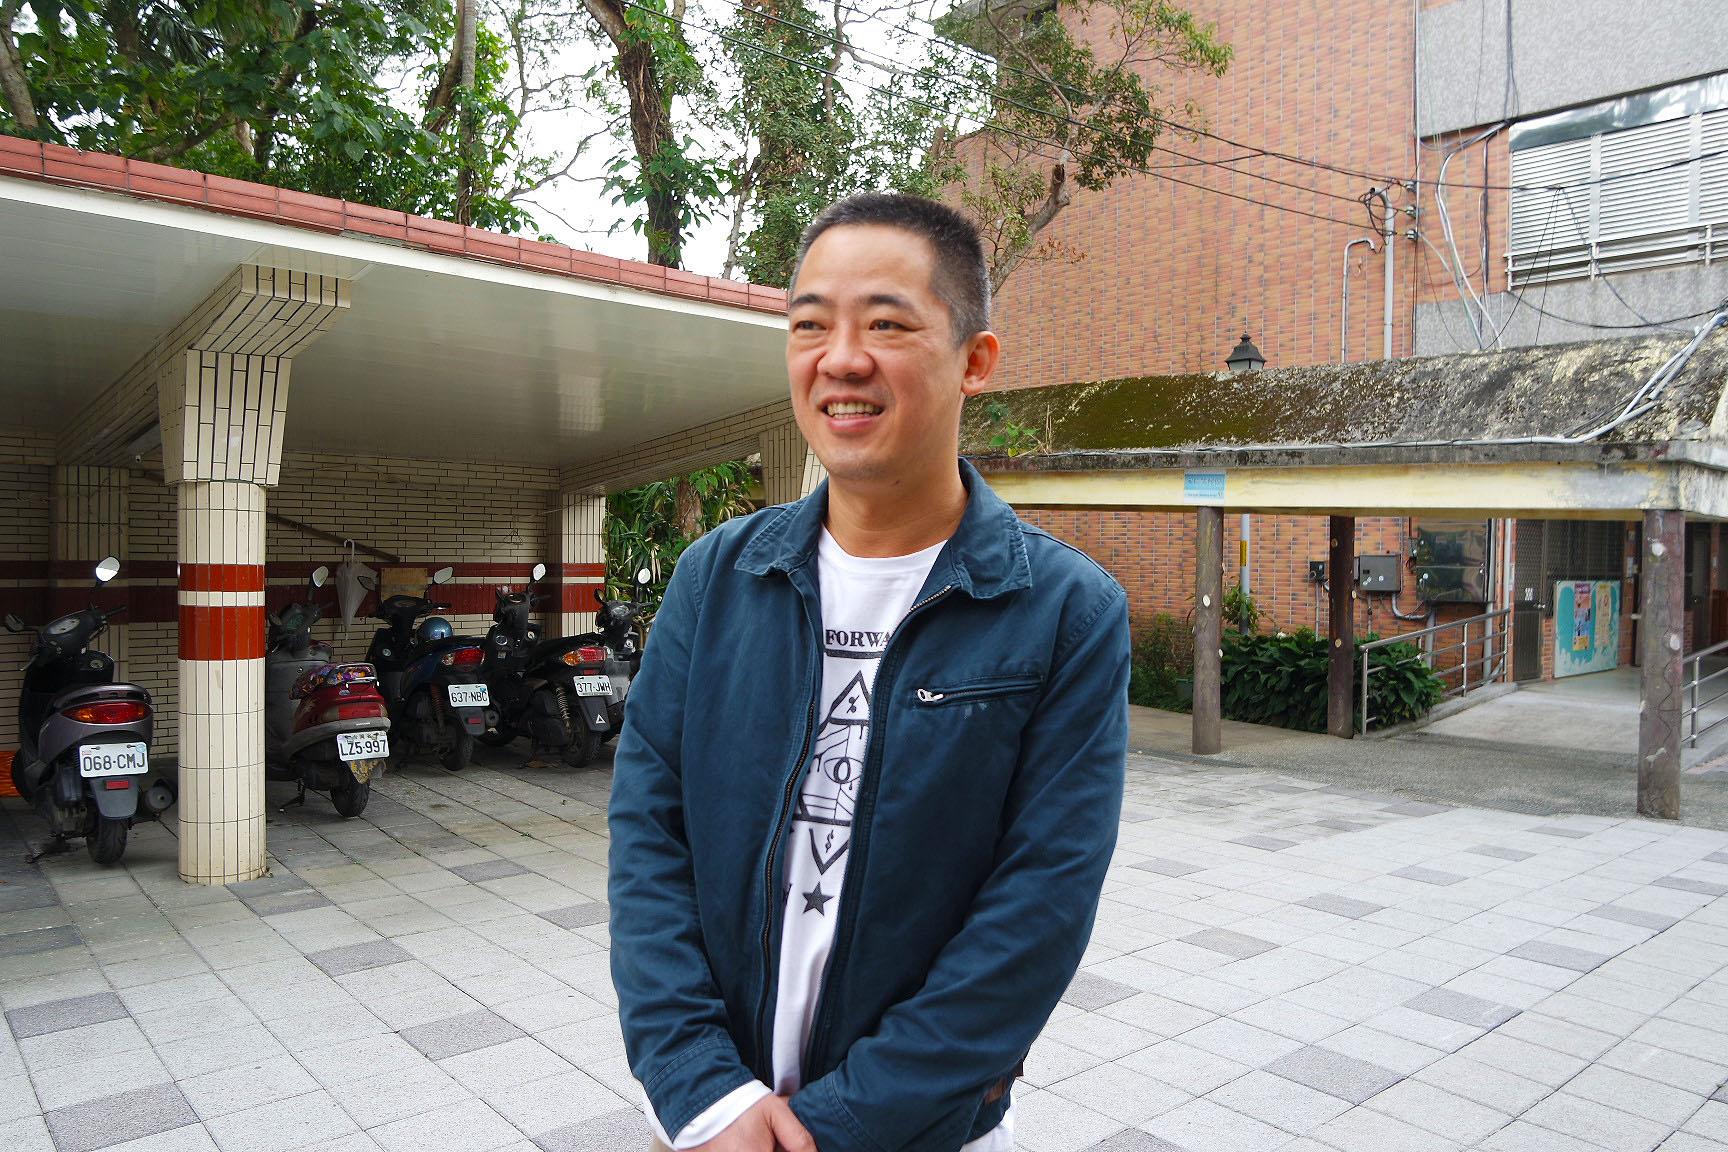 家長李文斌認為孩子快樂學習很重要,才將小孩跨區送至直潭國小就讀。攝影/劉品彣